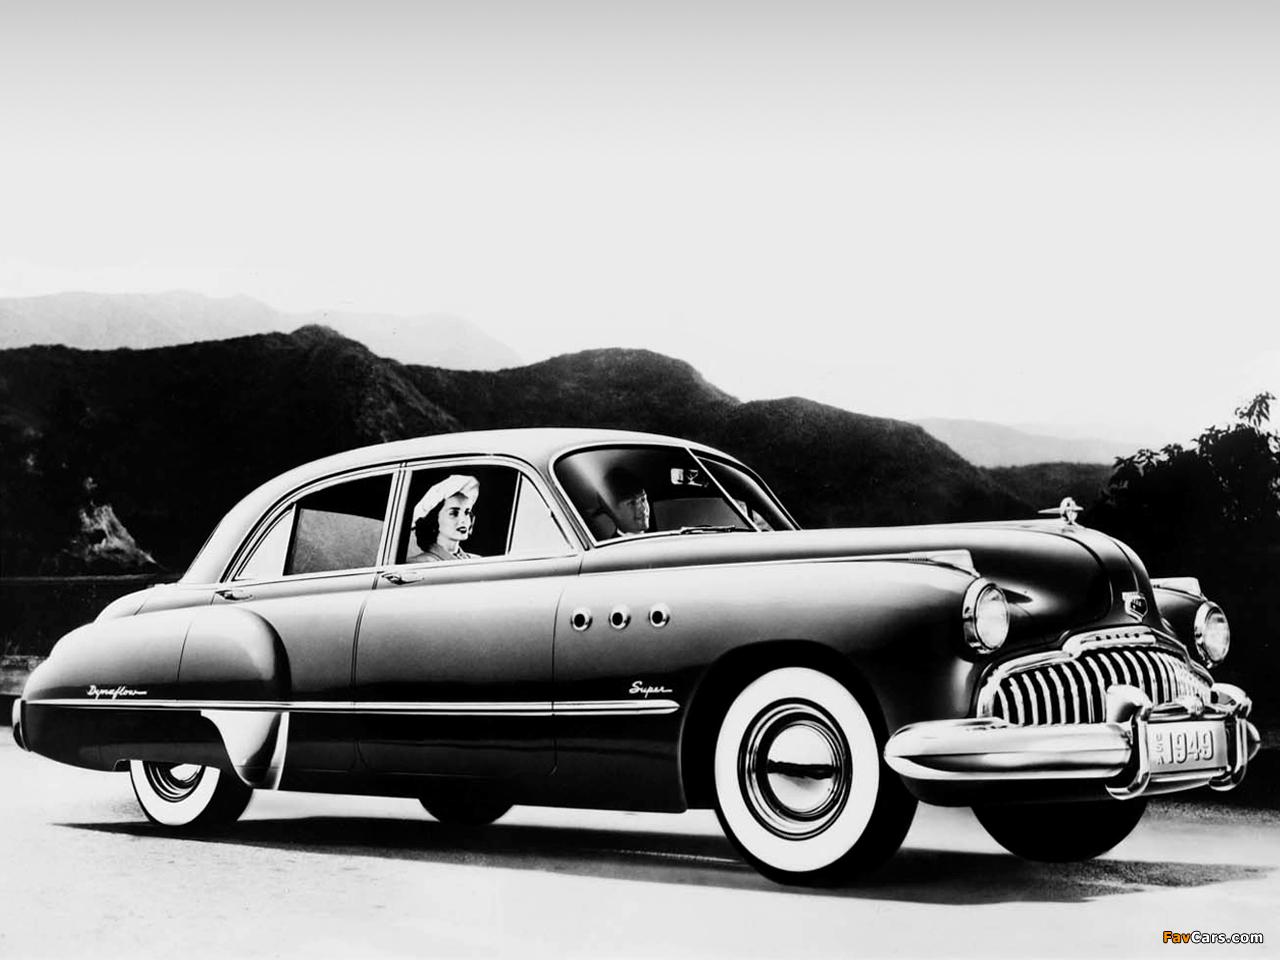 Buick Super Eight 4 Door Sedan 51 1949 Wallpapers 1280x960